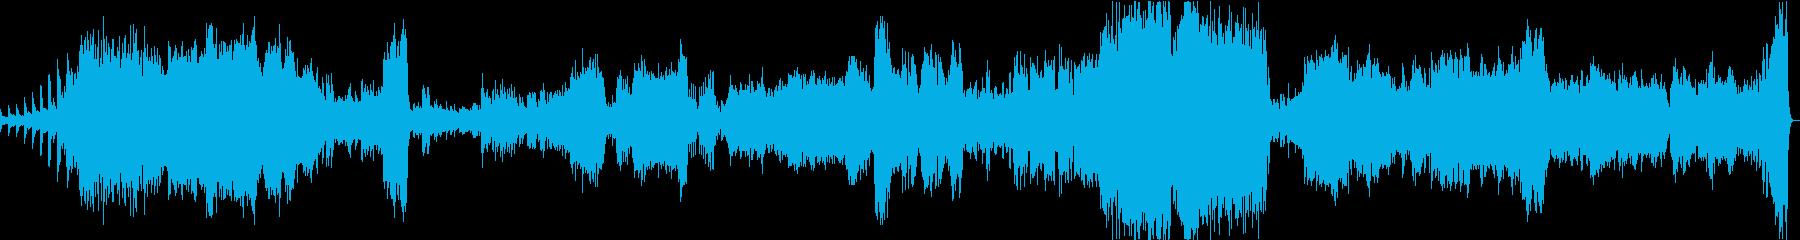 ラフマニノフ:ピアノ協奏曲2番1楽章の再生済みの波形